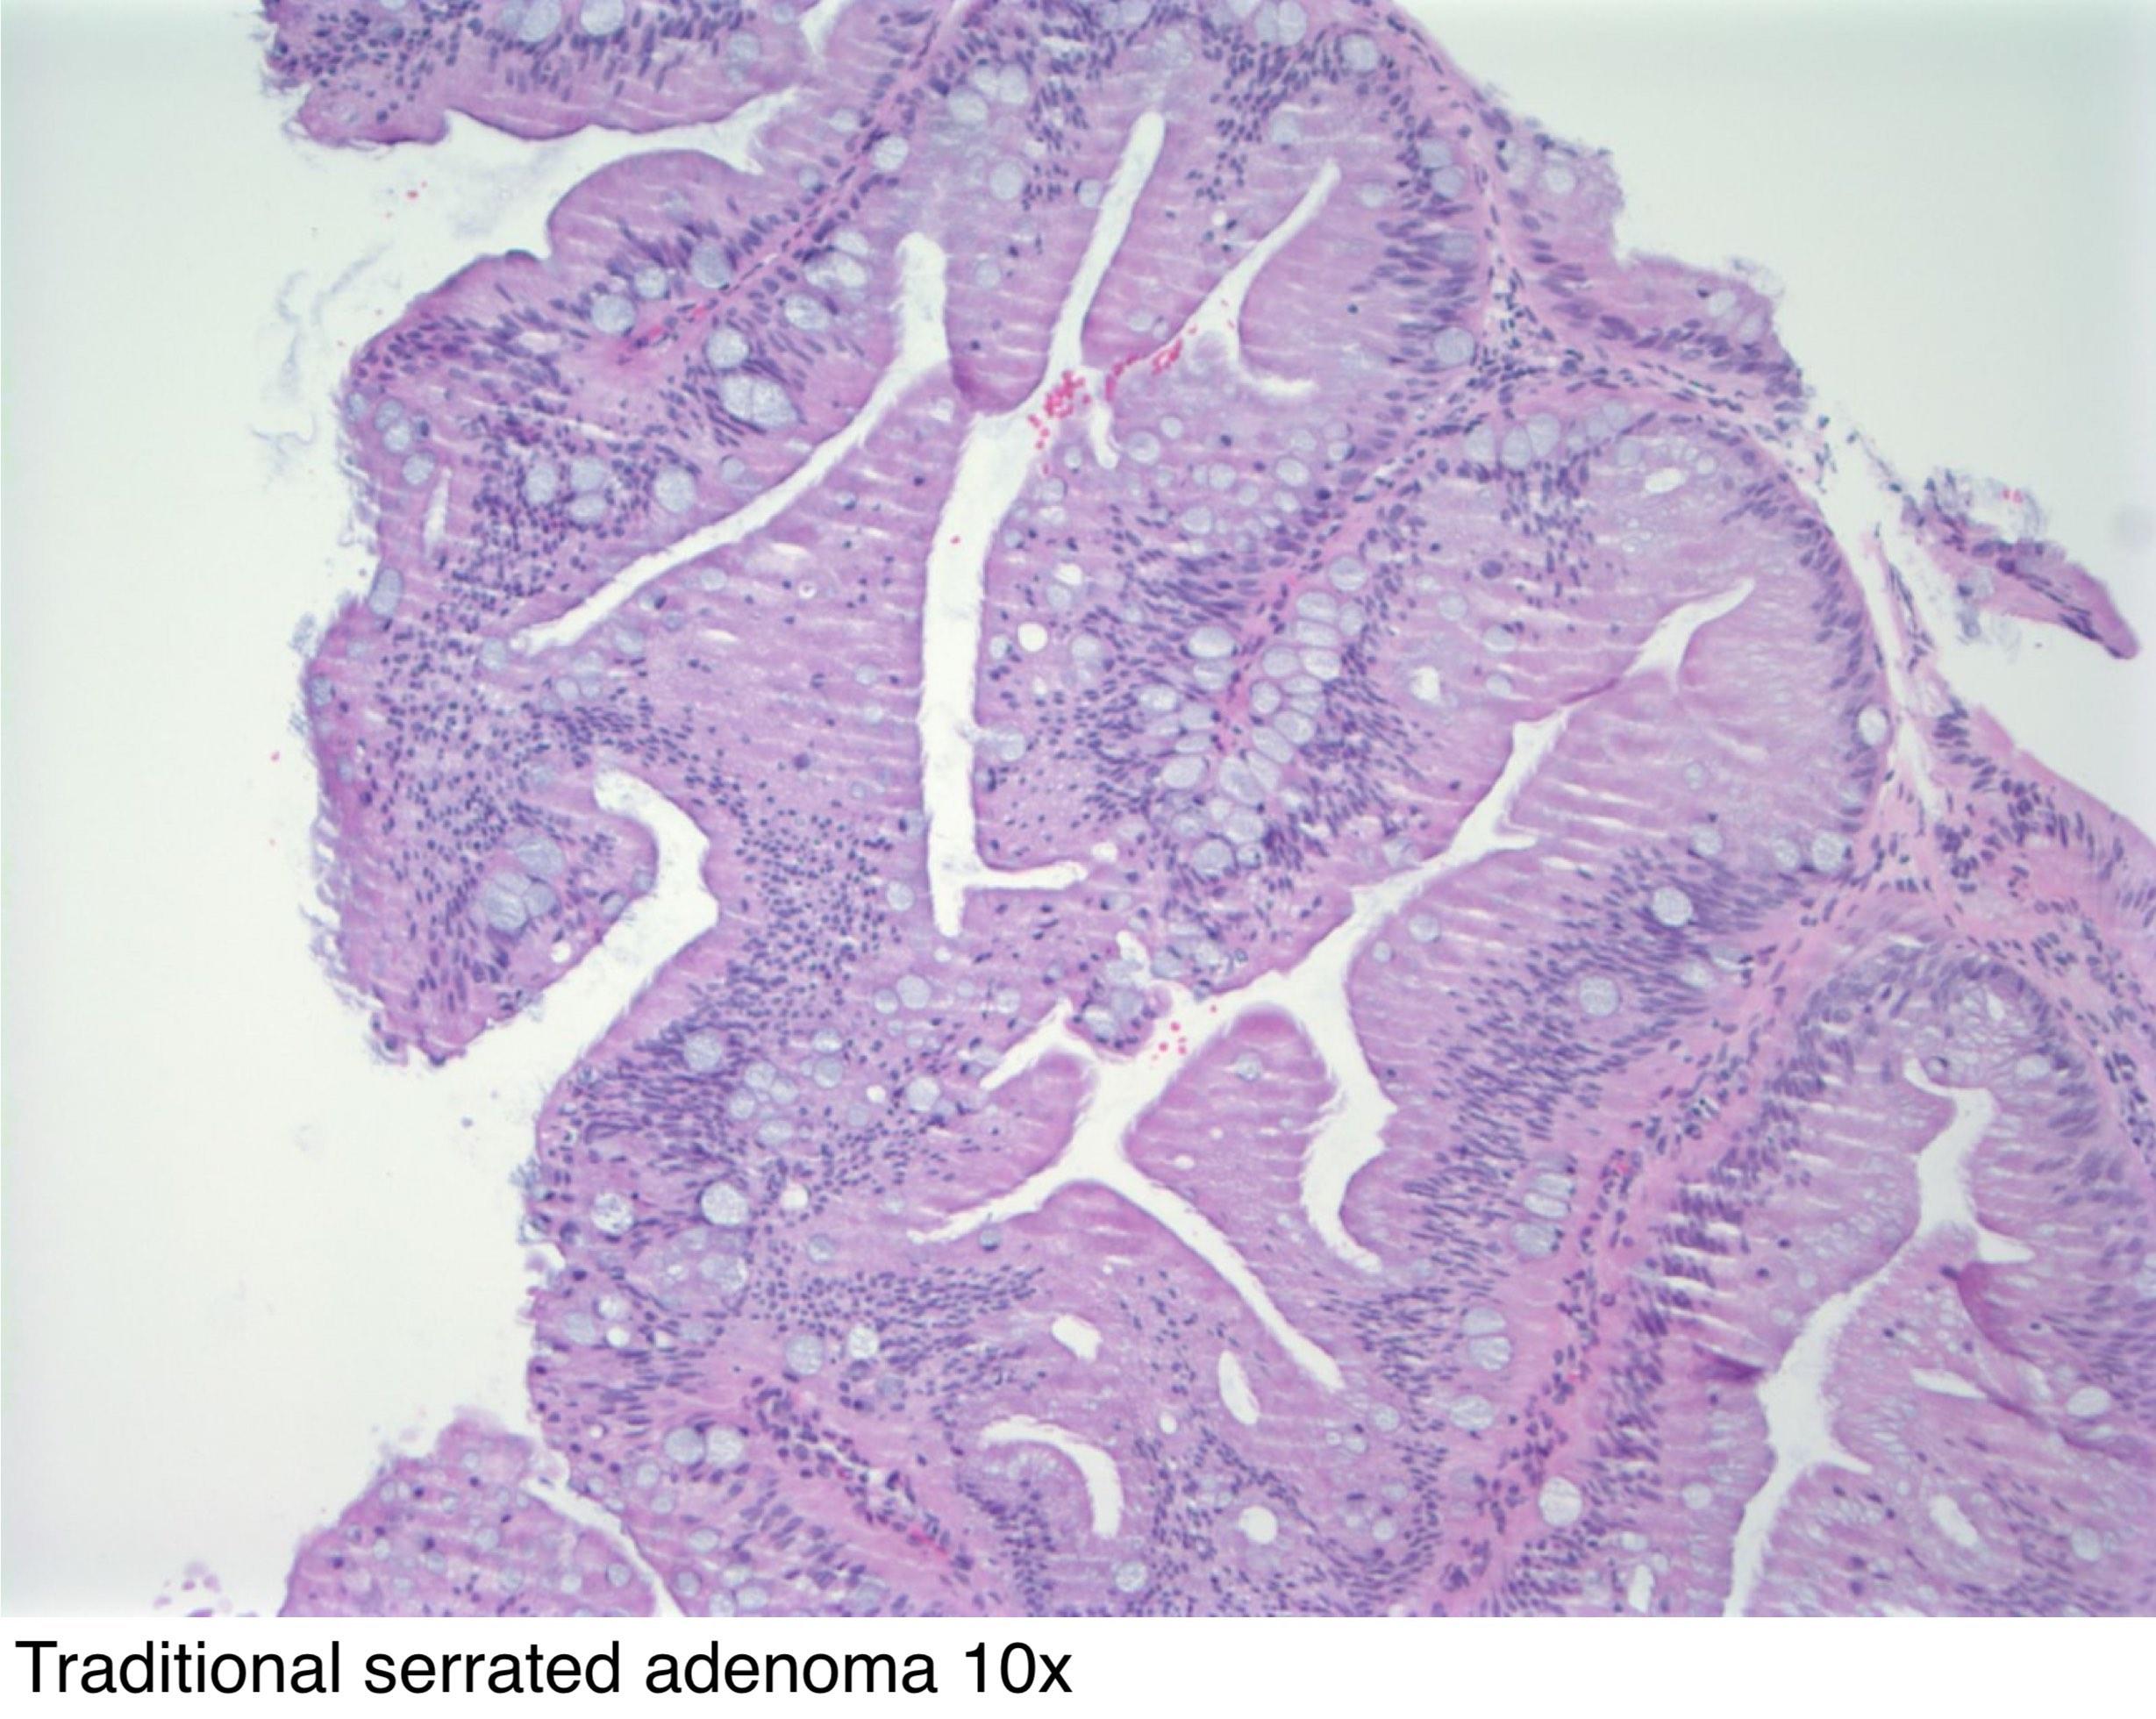 Pathology Outlines - Lactating adenoma